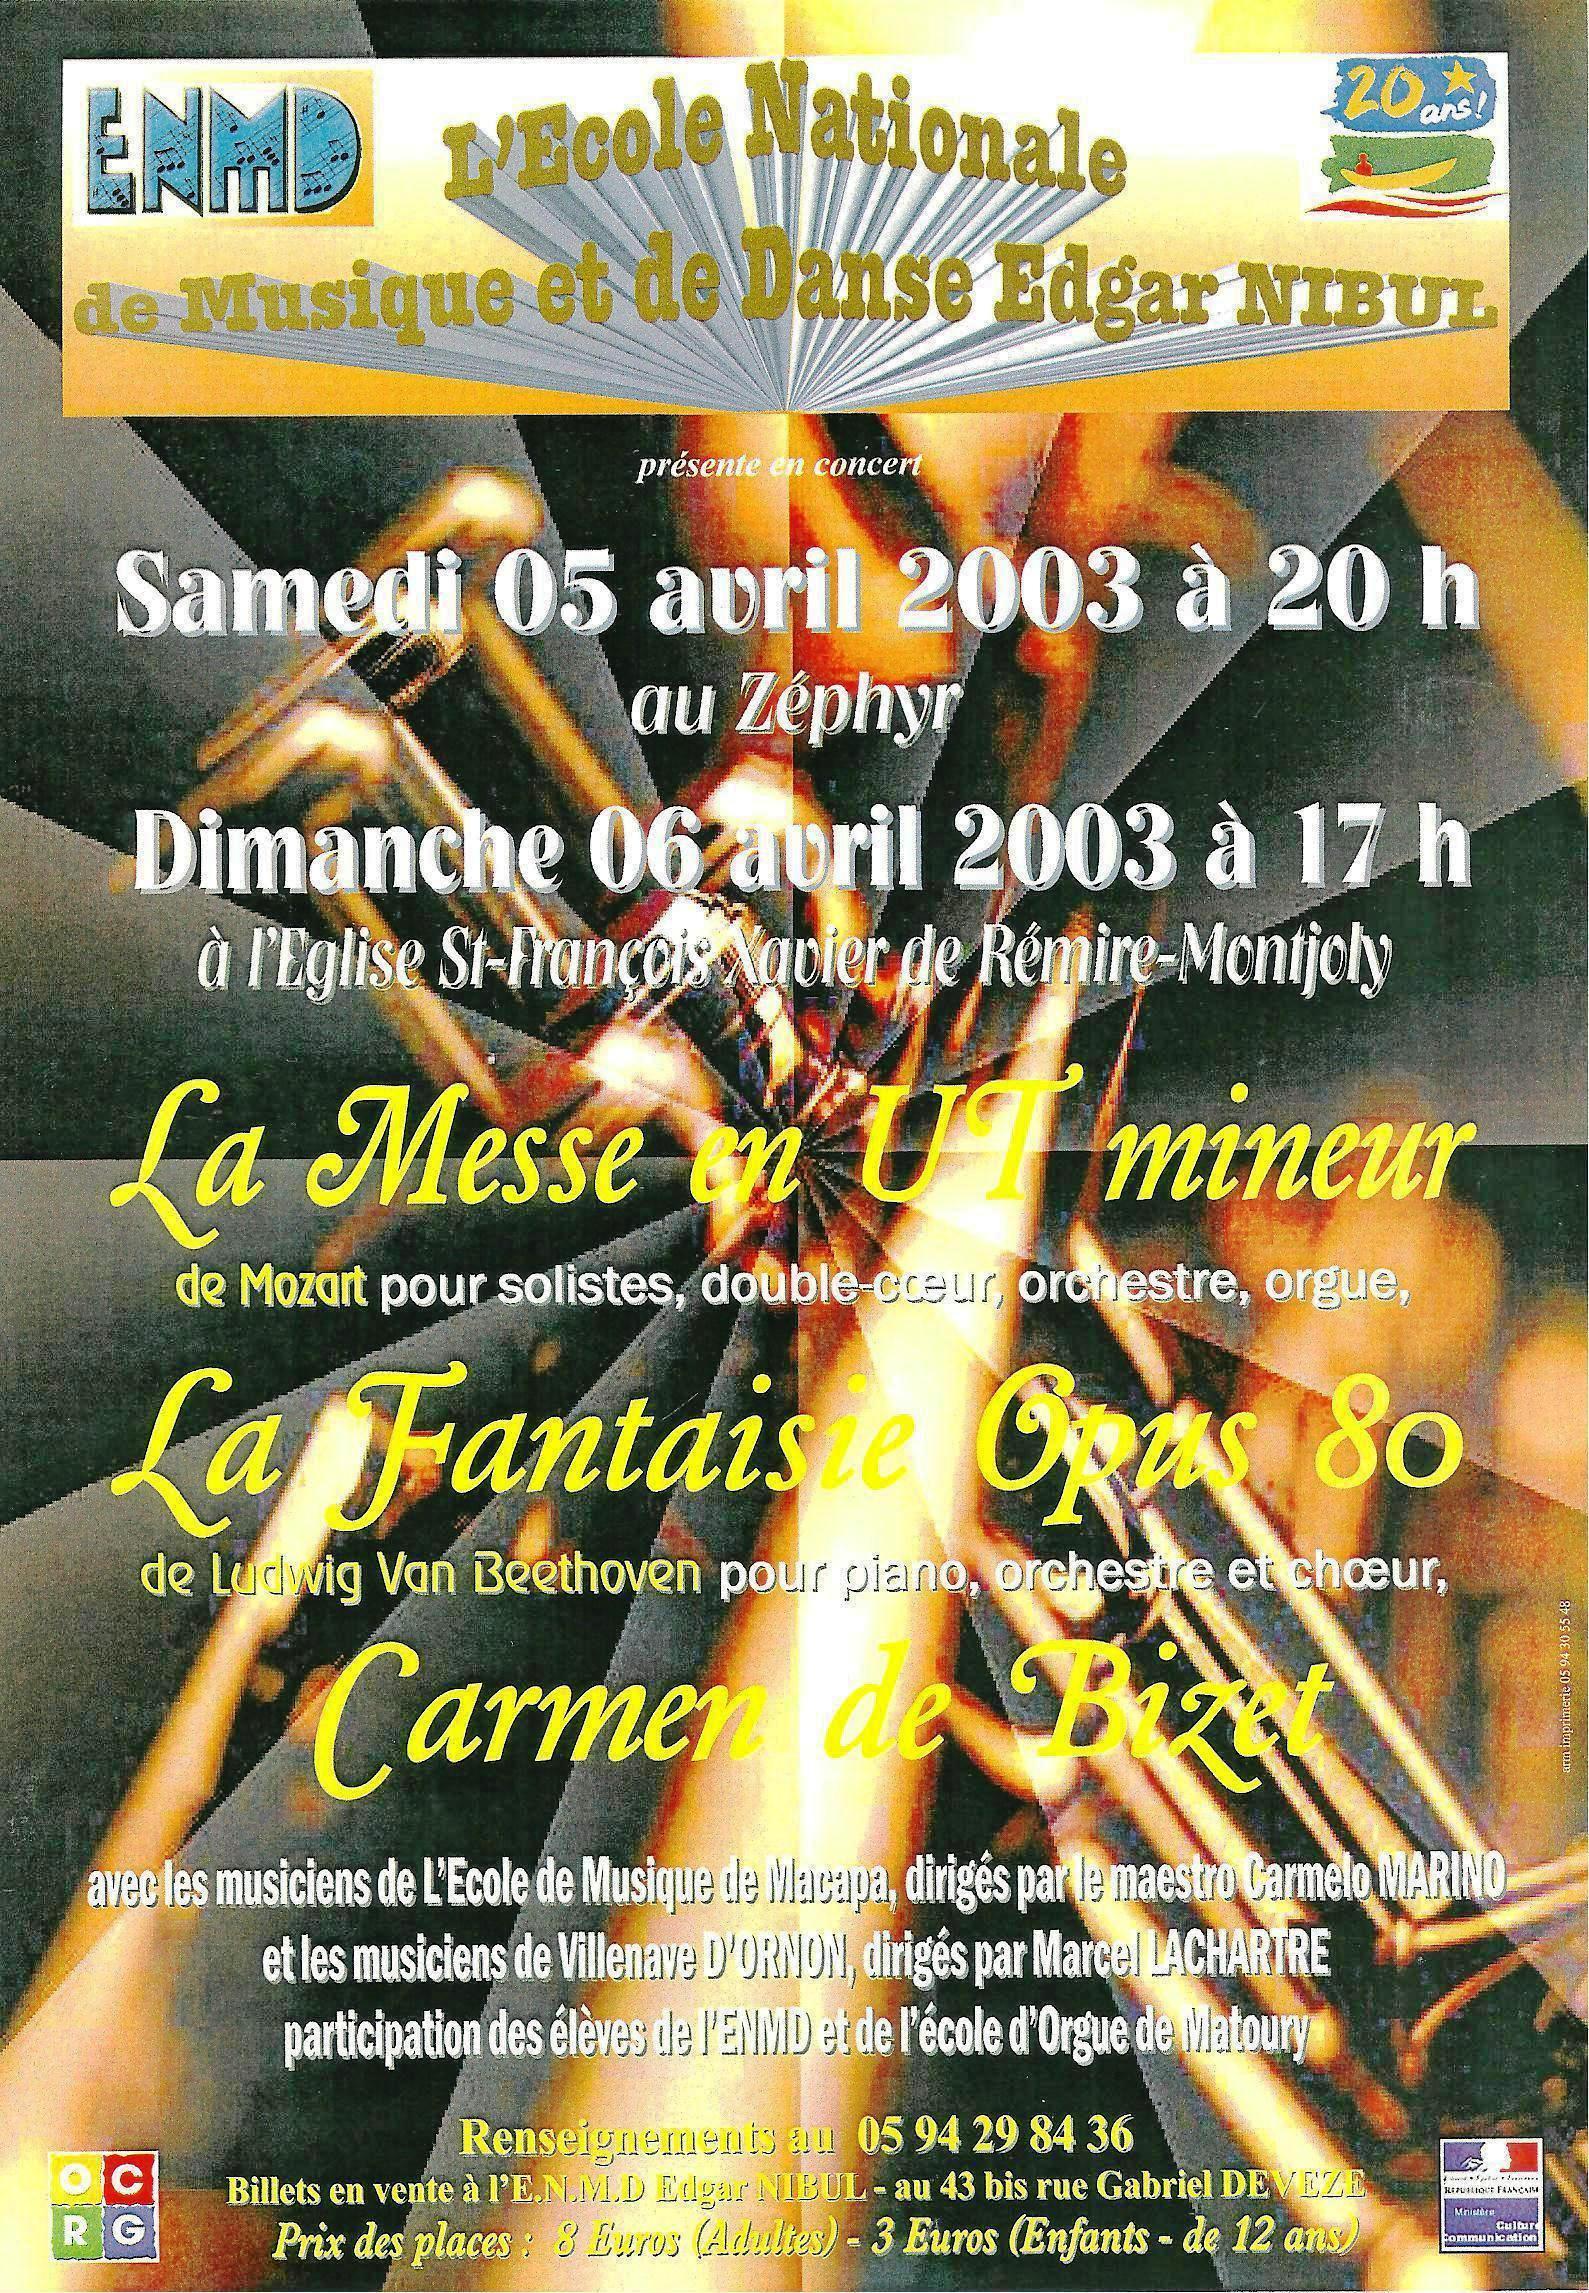 2003 - 1 - Cayenne Rémire.jpg